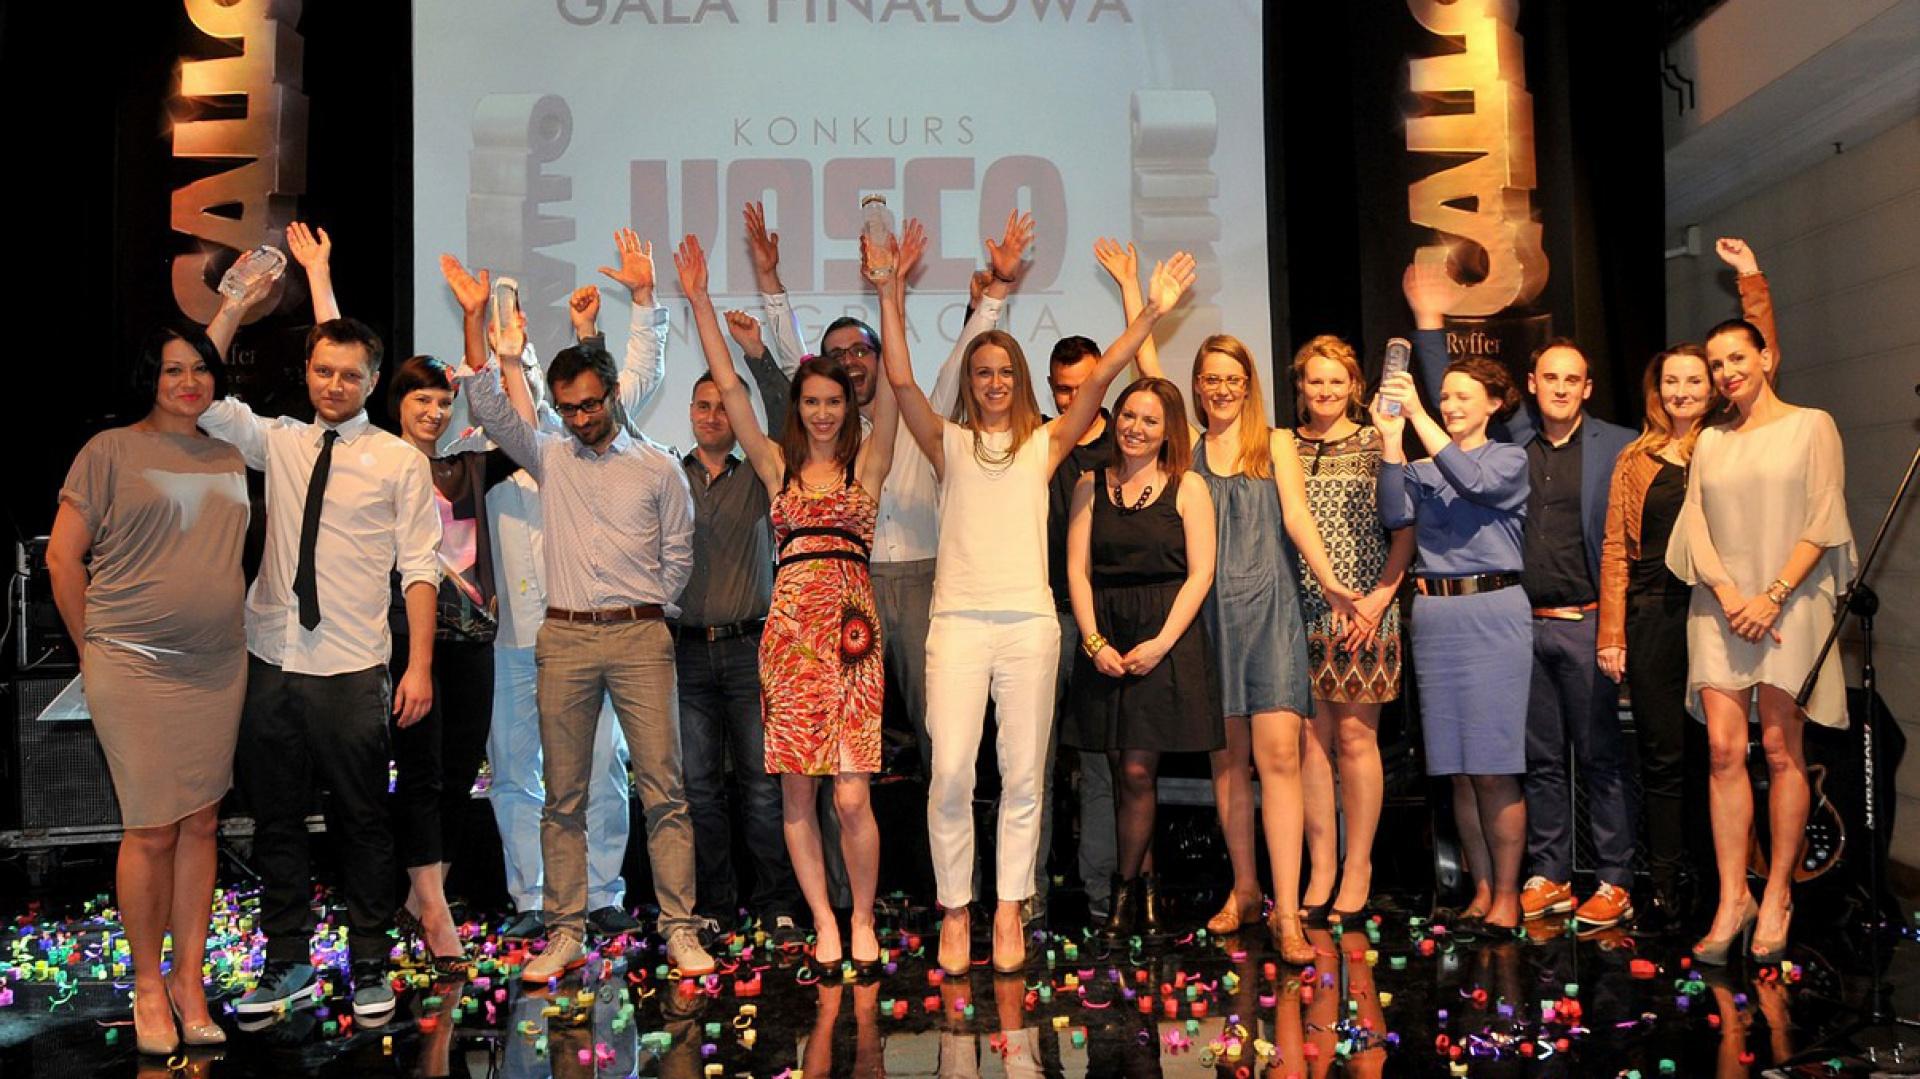 Wszyscy nagrodzeni w czasie gali finałowej Vasco Integracja, która odbyła się 24 maja 2014 r. w Warszawie. Fot. materiały Vasco.